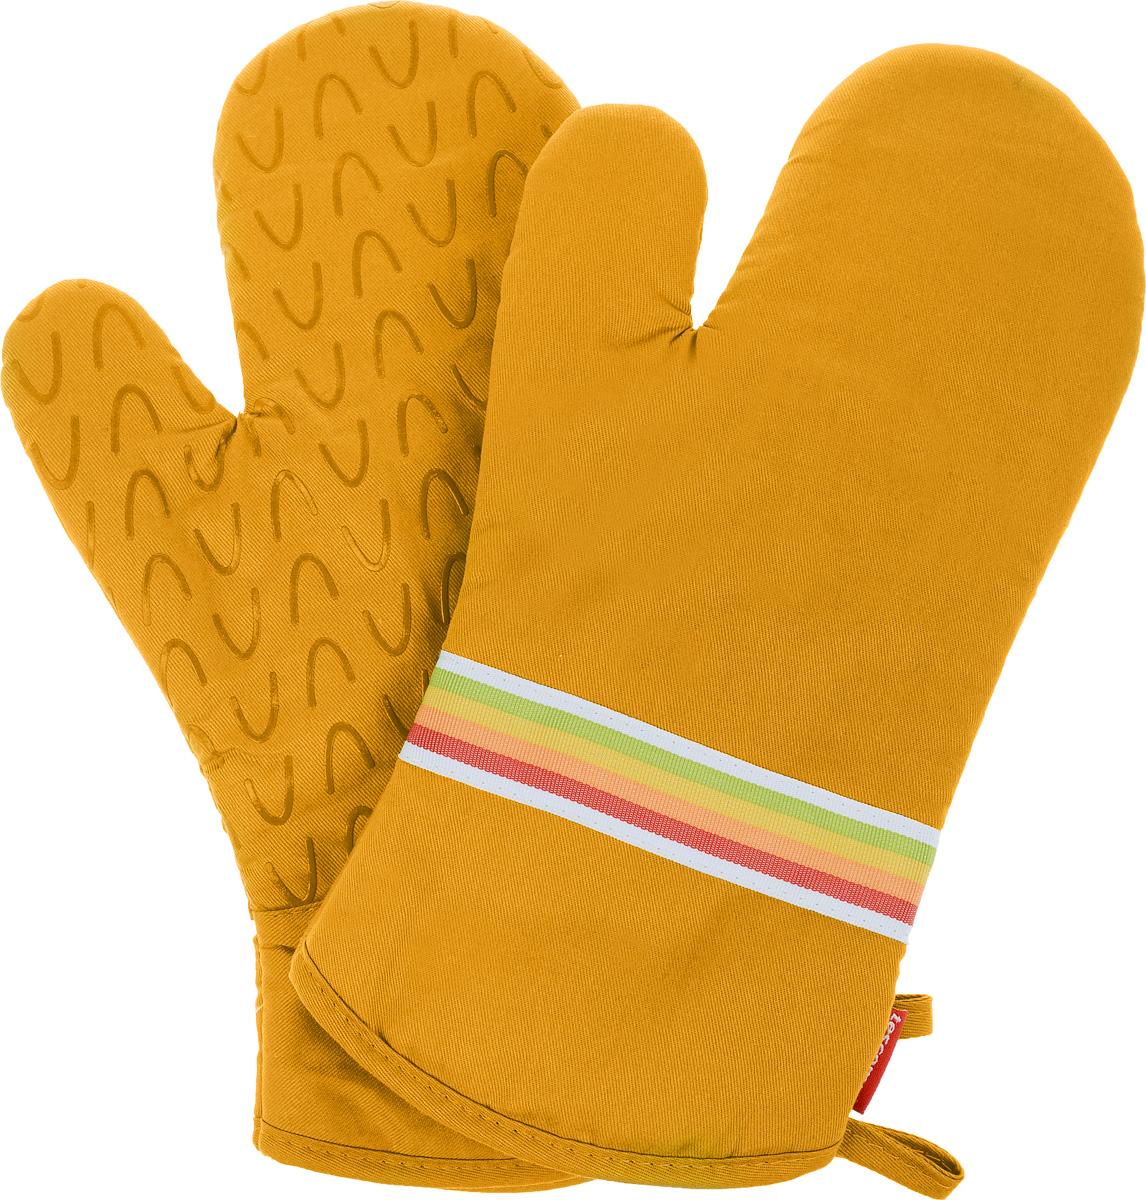 Рукавица-прихватка Tescoma Presto Tone, цвет: желтый, 33 х 18 см, 2 шт639751_желтыйРукавица-прихватка Tescoma Presto Tone, изготовленная из 100% хлопка и термостойкого силикона, имеет яркий дизайн. Для простоты и удобства хранения, изделие оснащено петелькой для подвешивания и магнитом. Такая прихватка защитит ваши руки от высоких температур и предотвратит появление ожогов. Рекомендуется стирка при температуре 30°С. Размер изделия (ДхШ): 33 х 18 см. Комплектация: 2 шт.